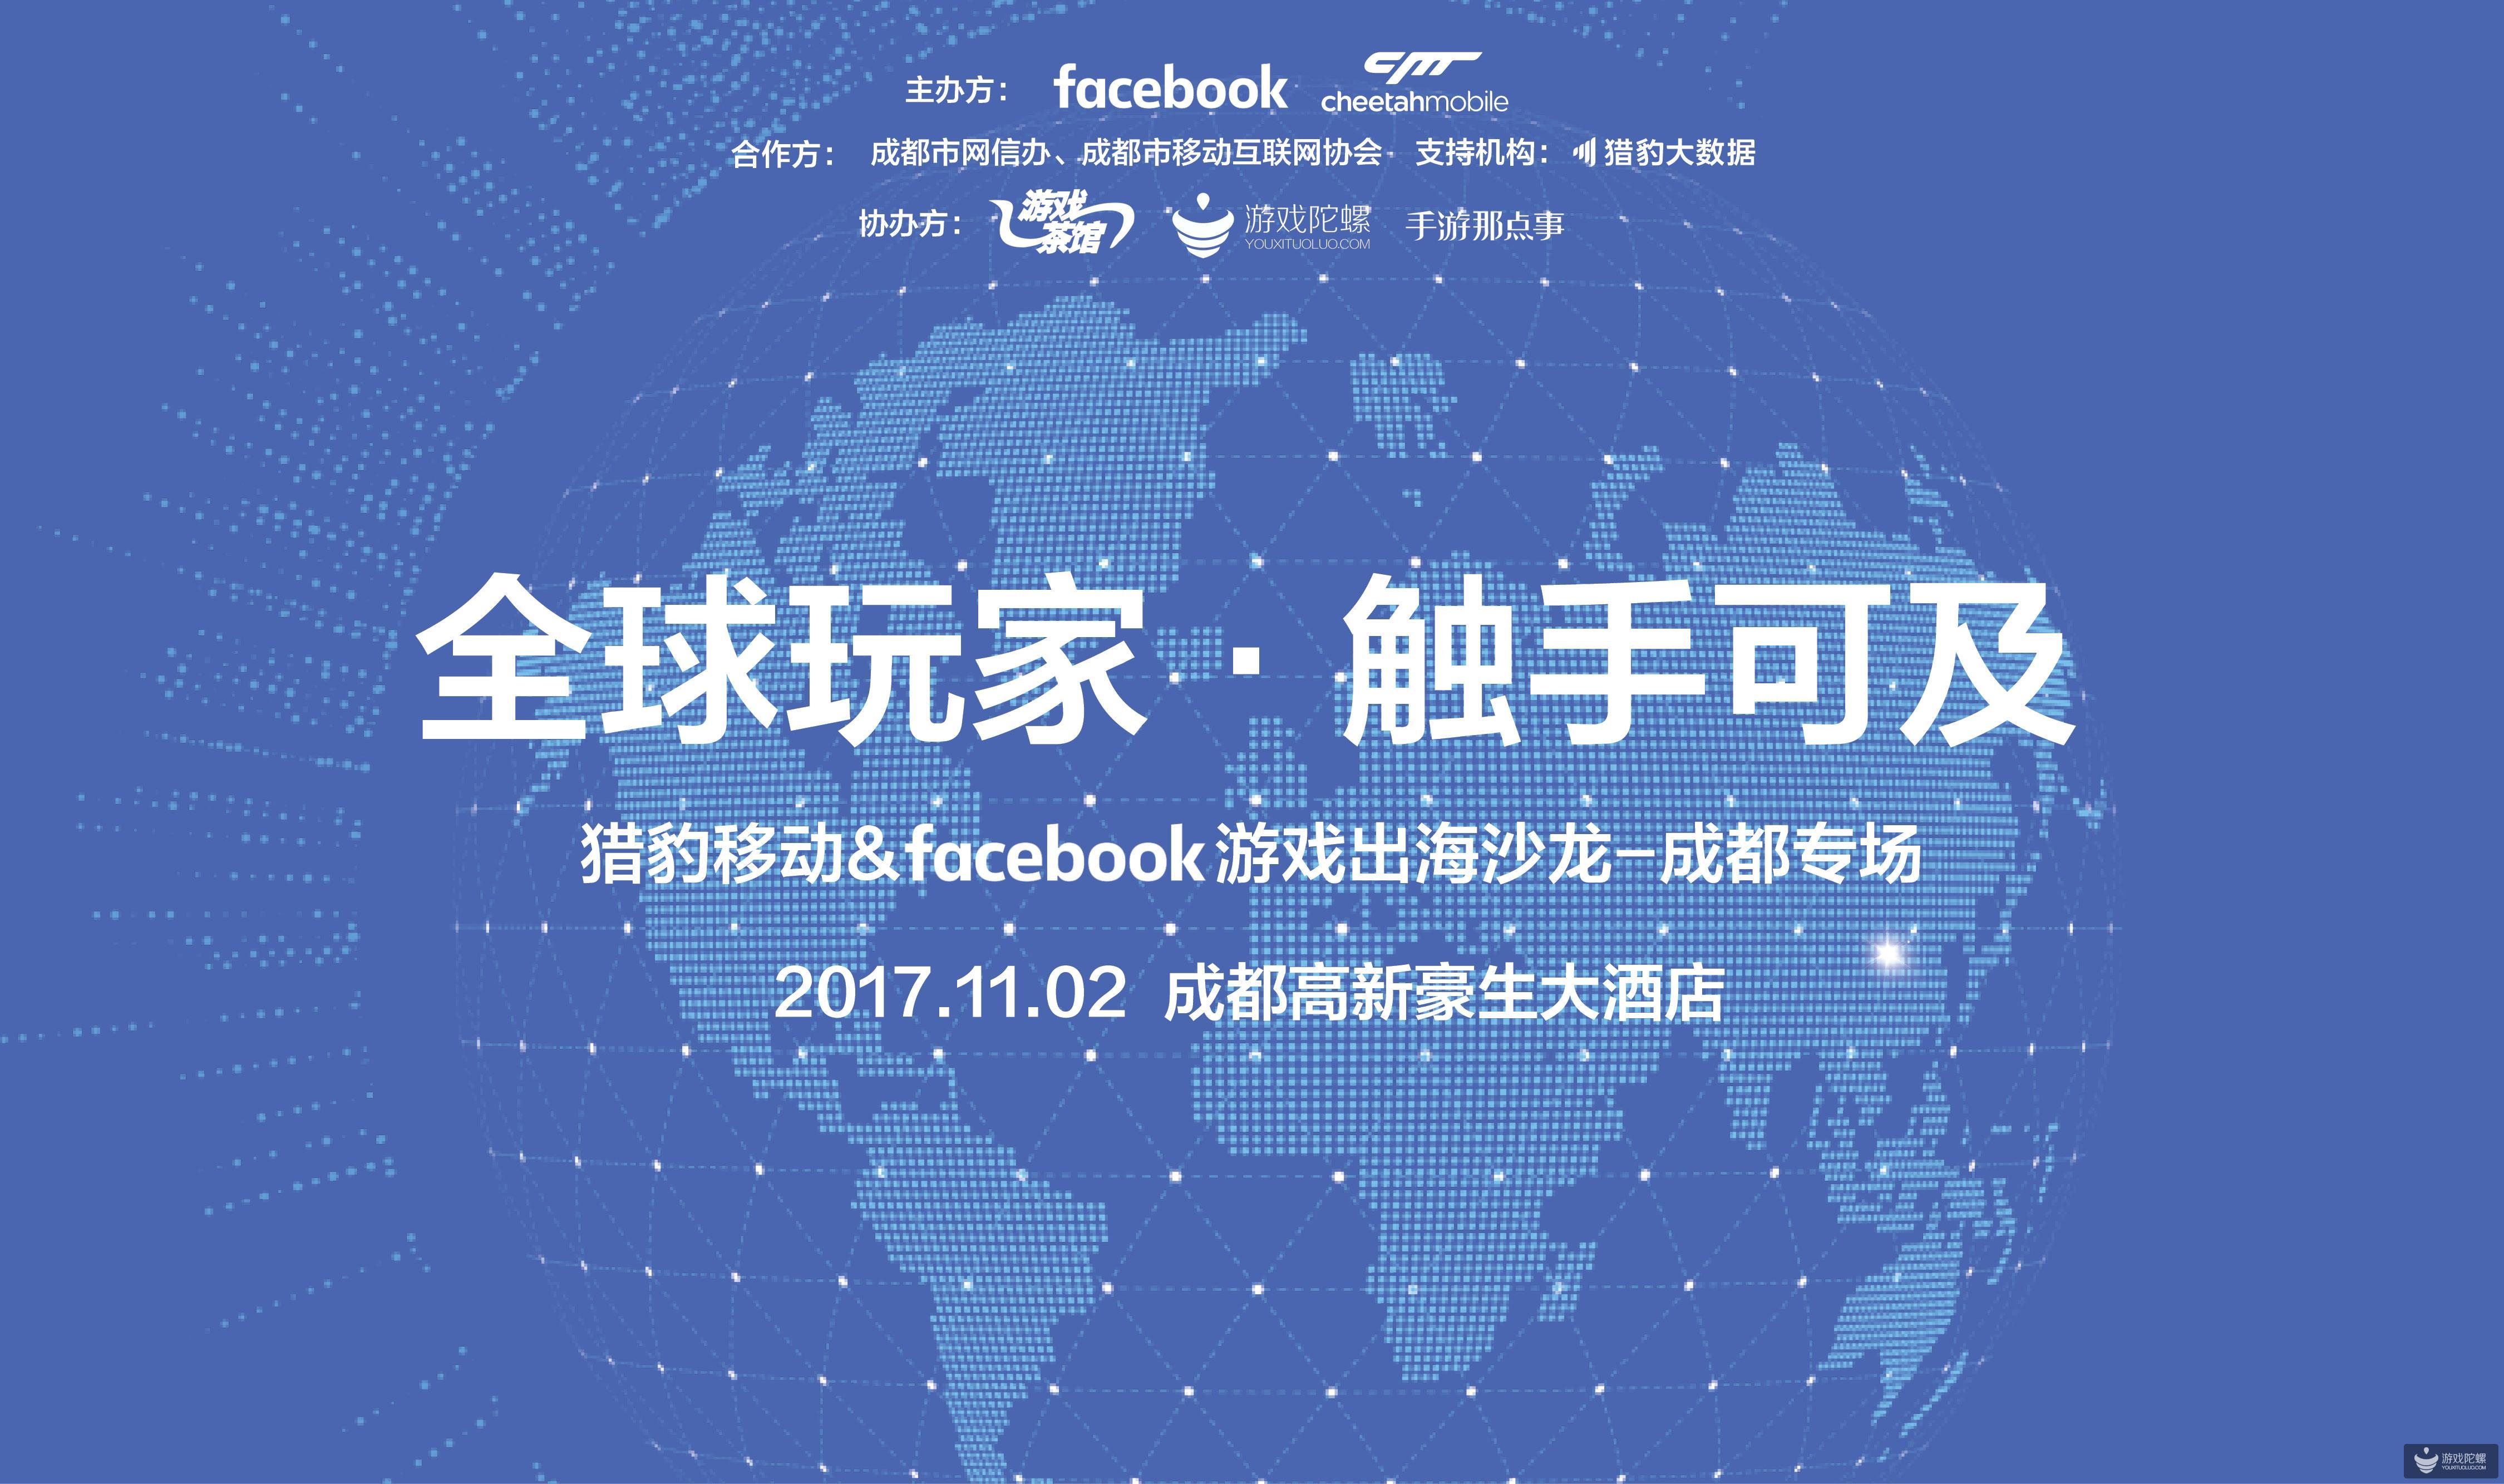 猎豹移动&Facebook出海游戏沙龙成都专场11月举行,分享出海游戏新技巧